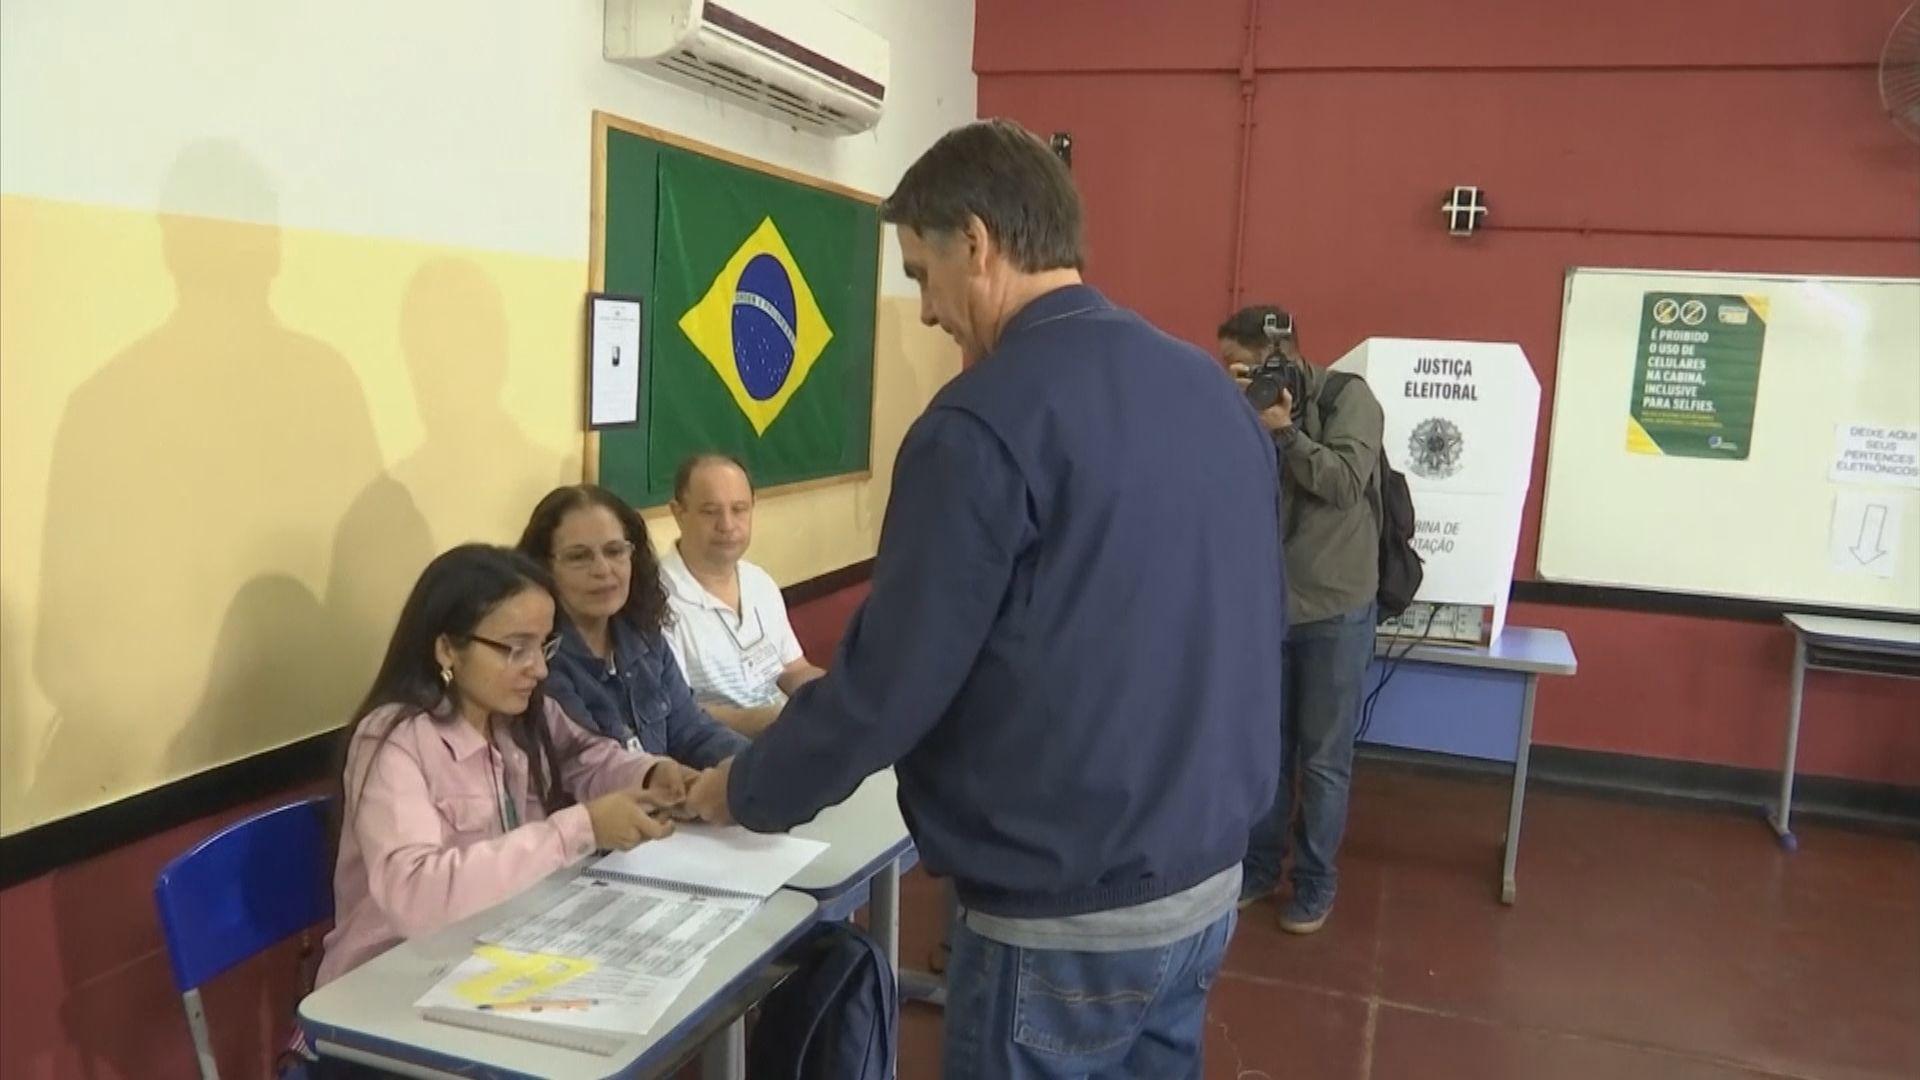 巴西大選右翼候選人表現突出